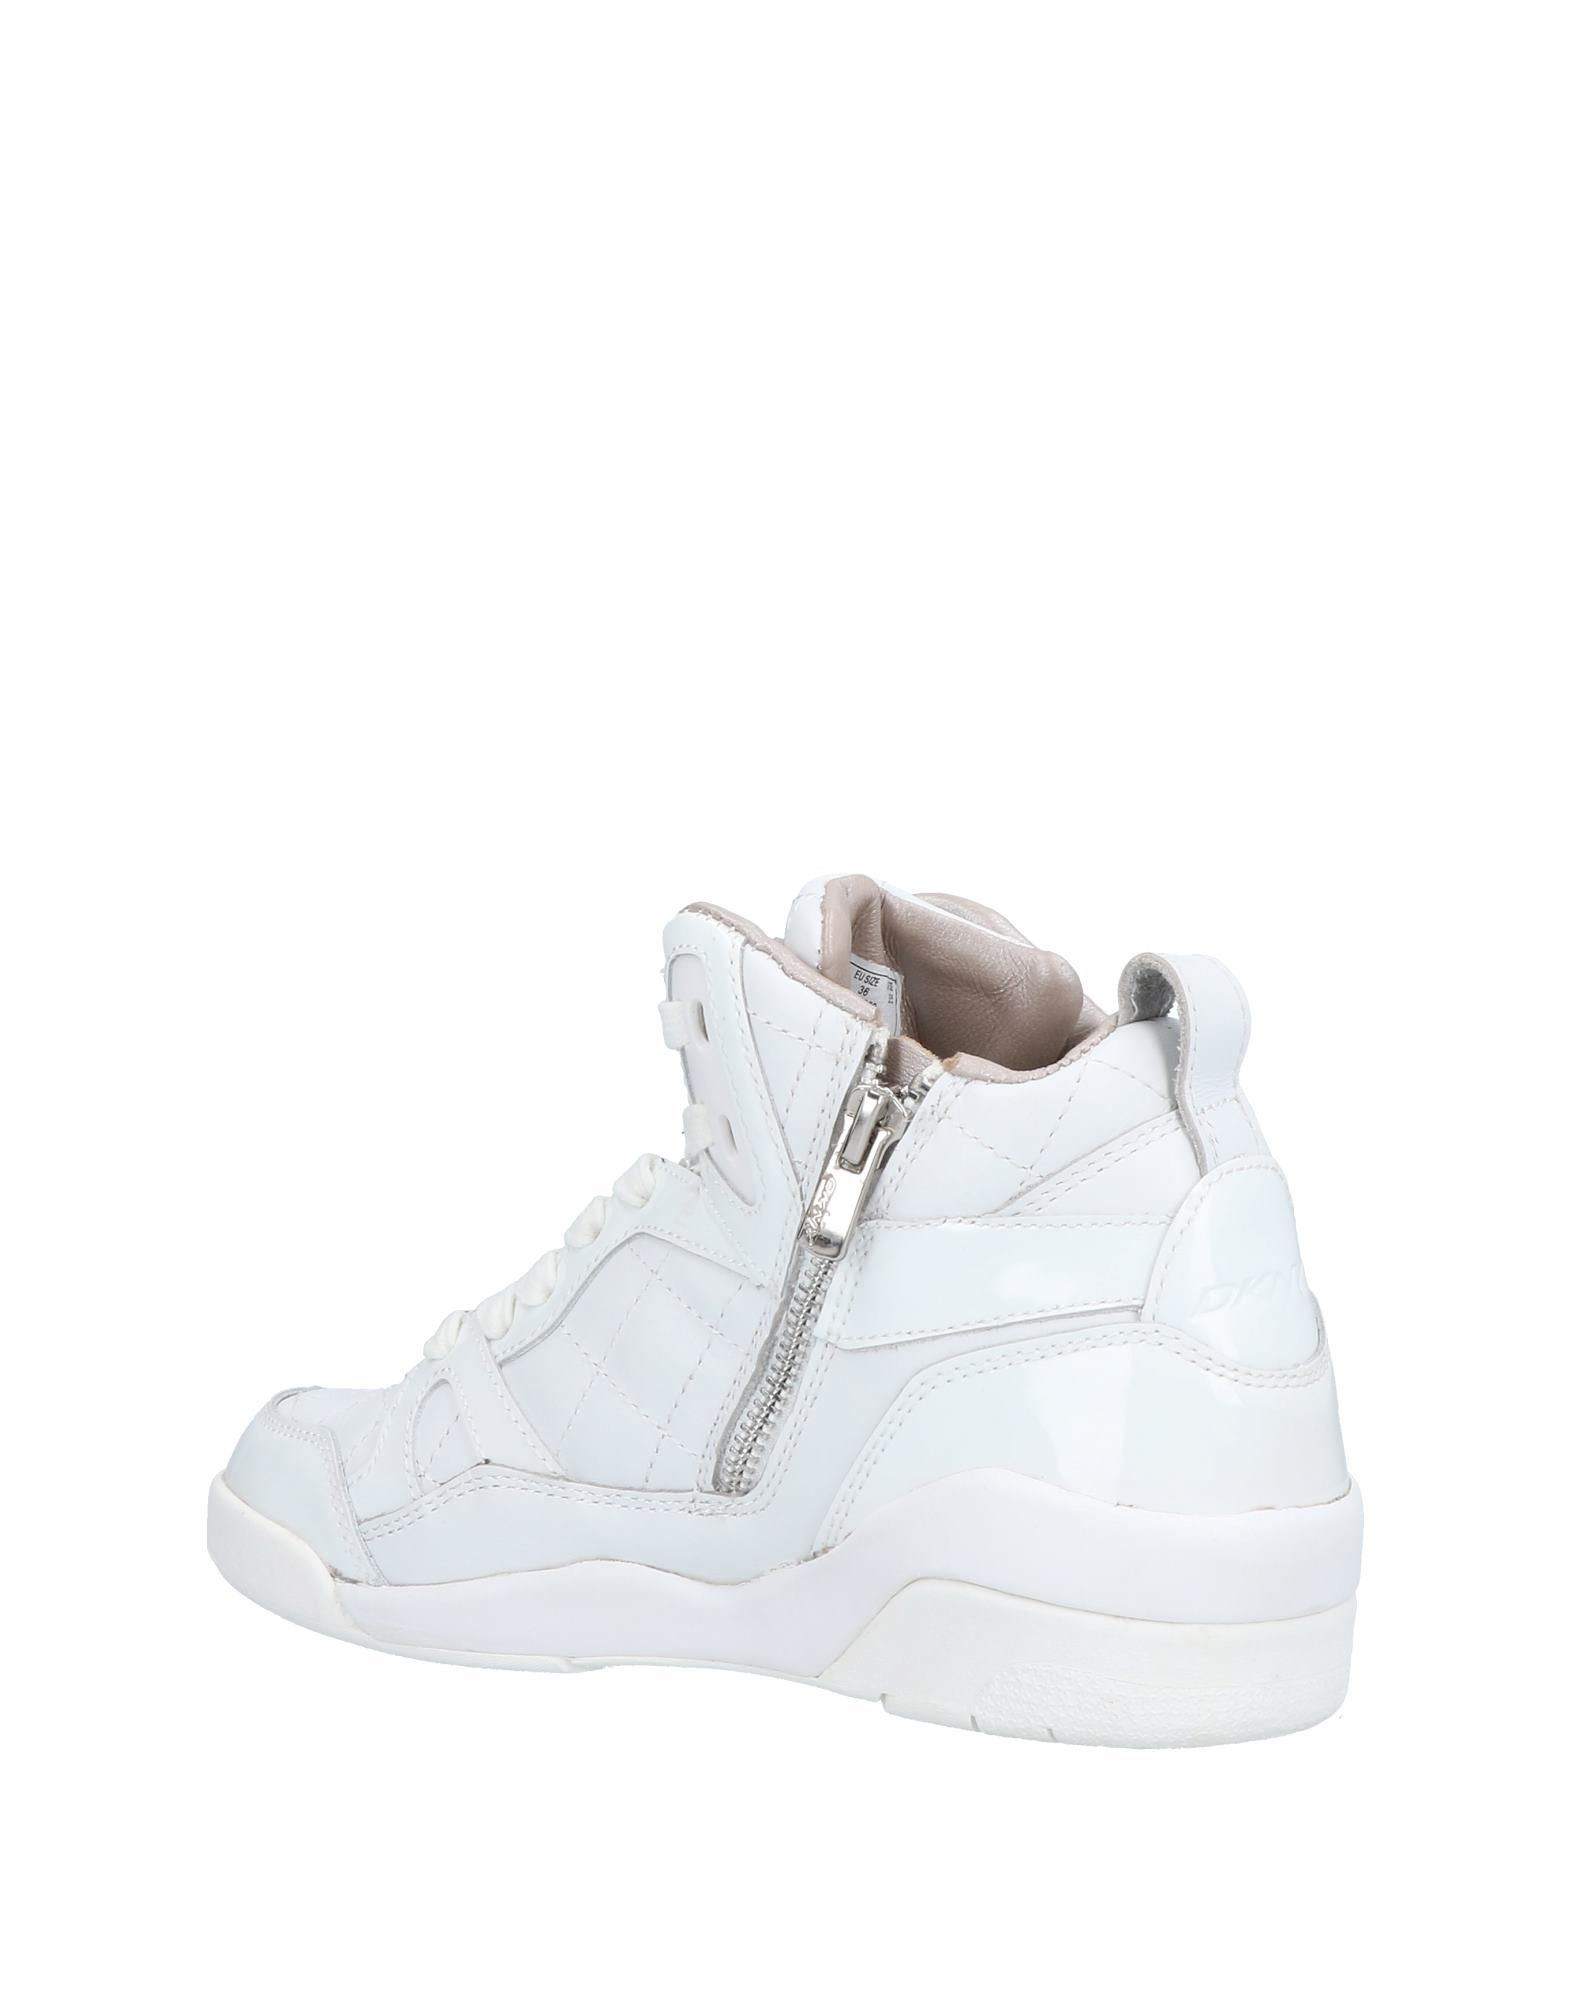 Stilvolle billige  Schuhe Dkny Sneakers Damen  billige 11464726QV 3d8de7